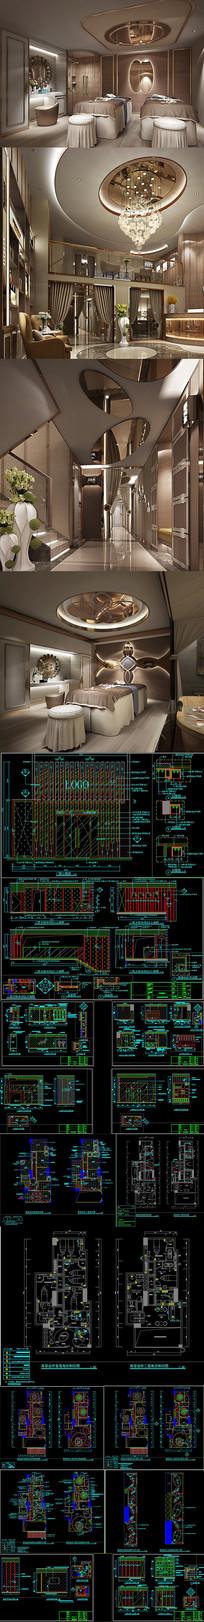 新美容会所CAD施工图 效果图